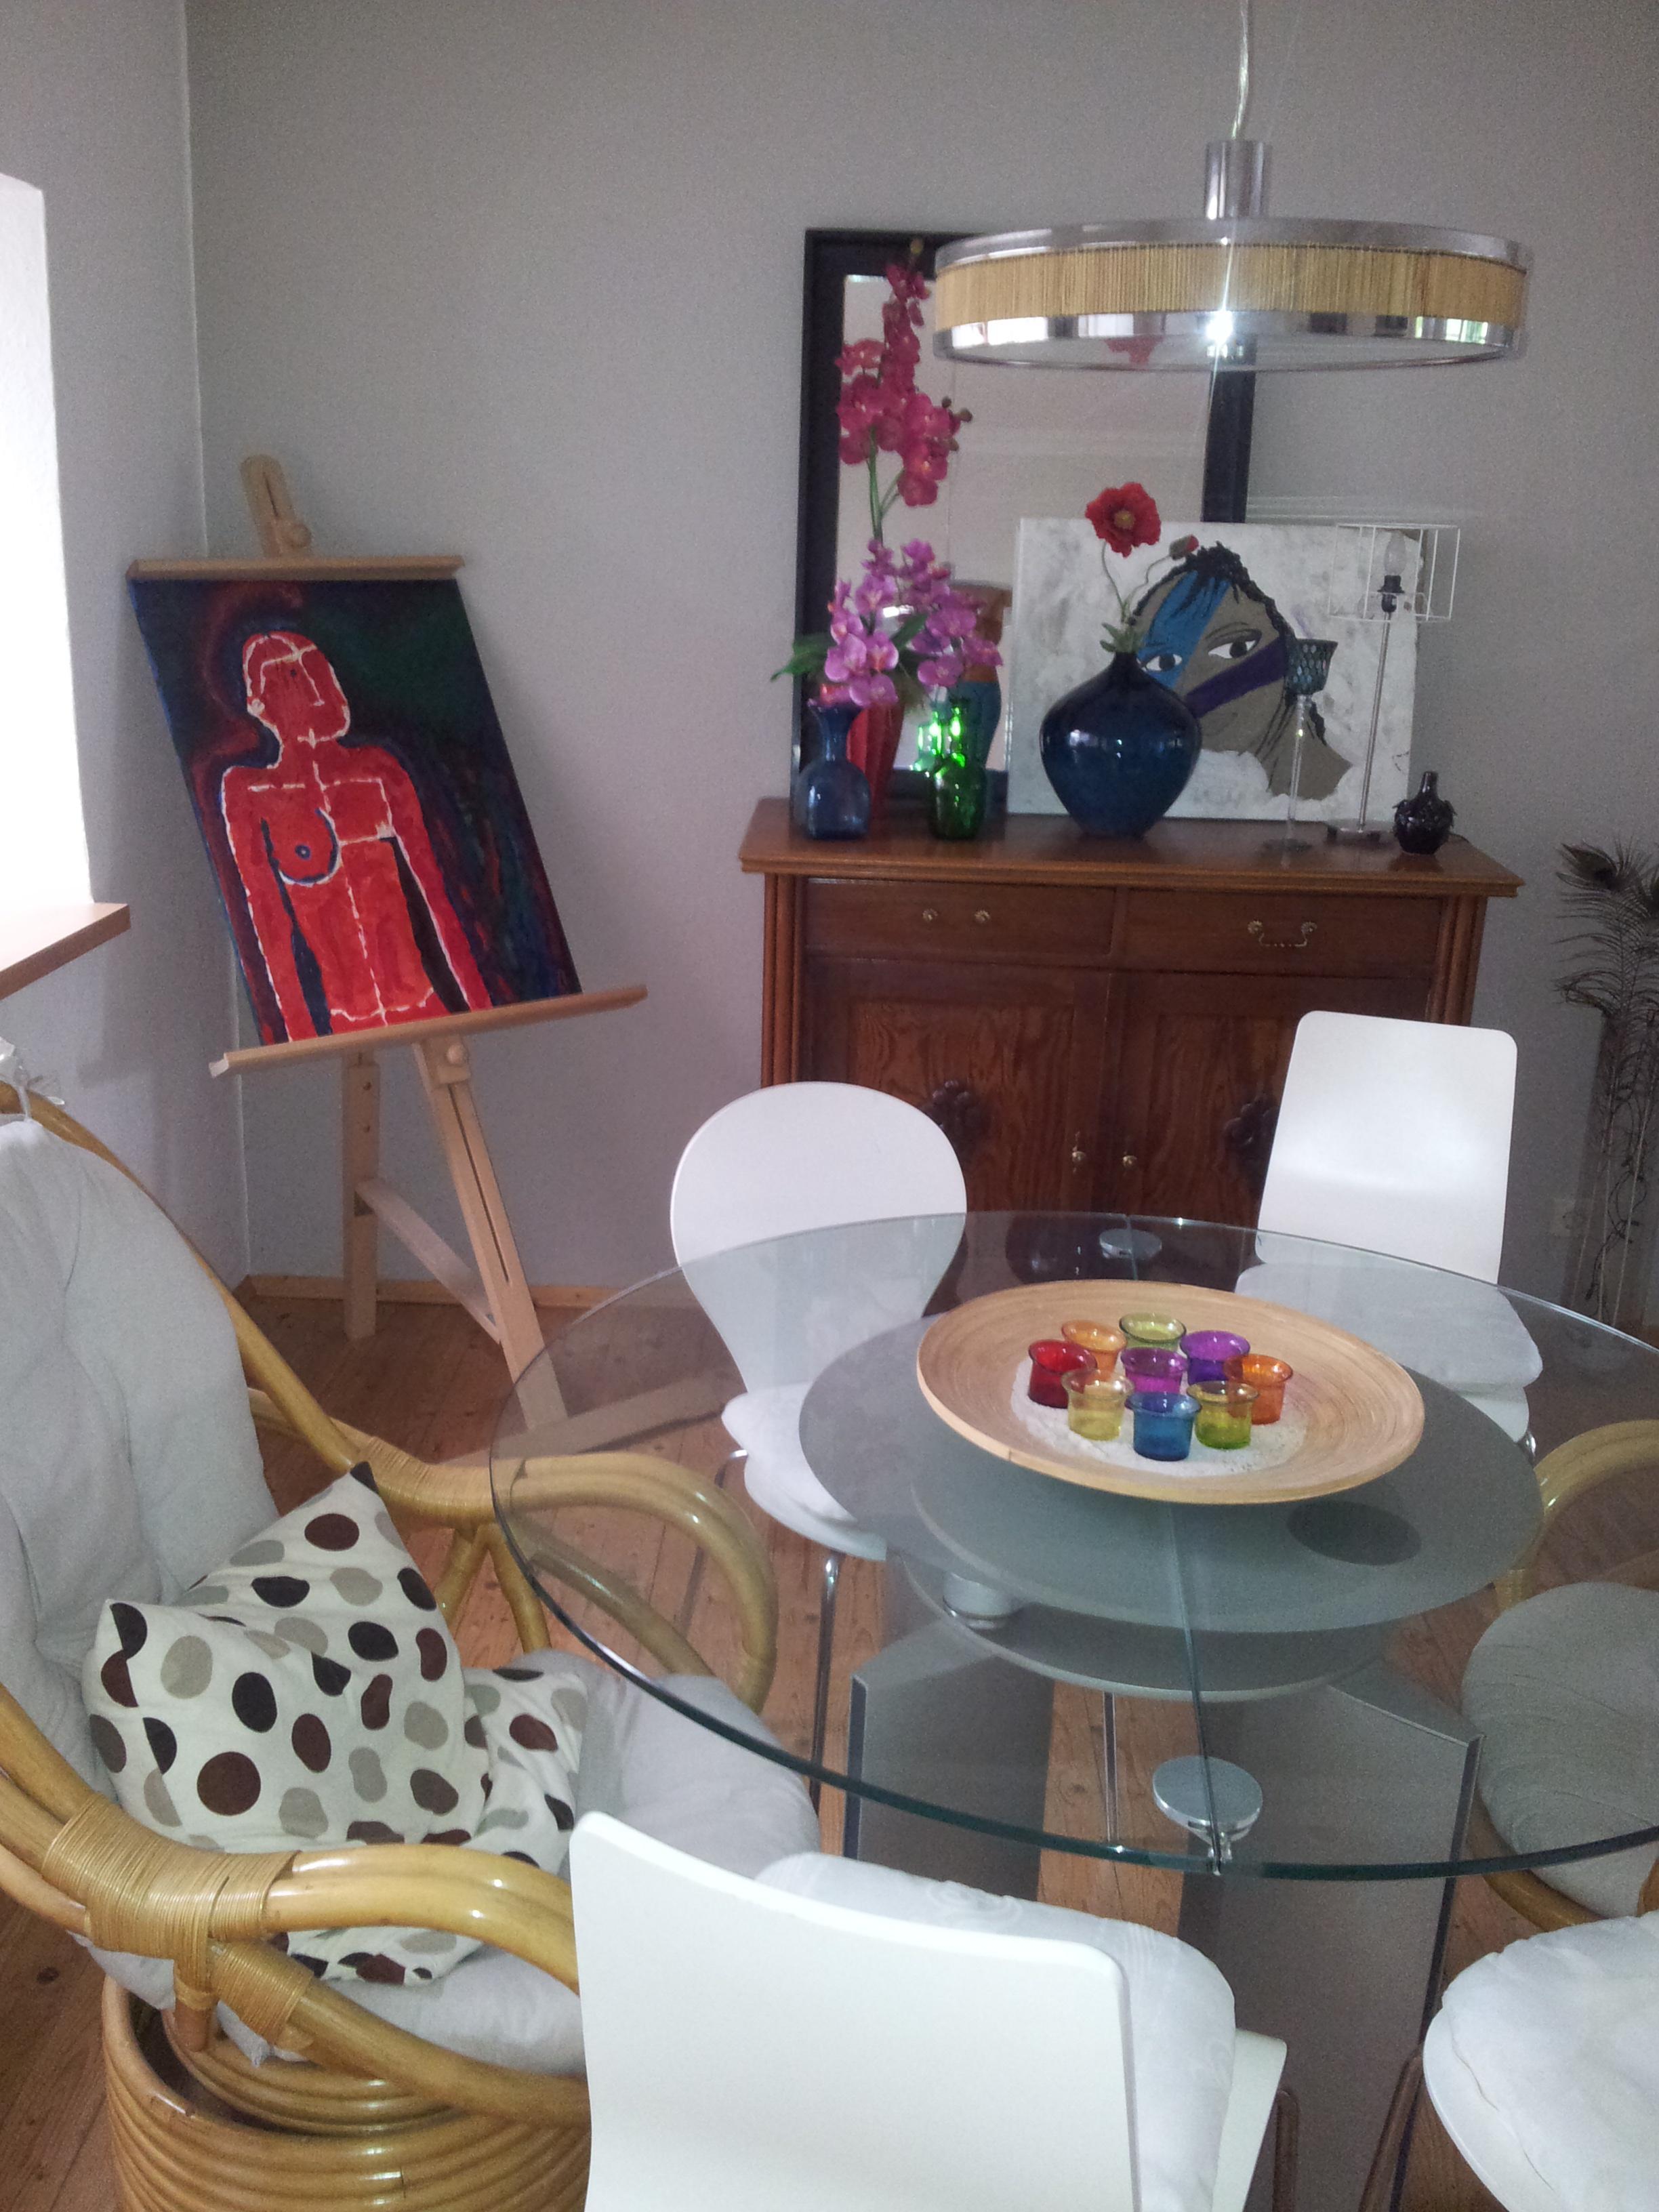 deko leiter bilder ideen couch. Black Bedroom Furniture Sets. Home Design Ideas